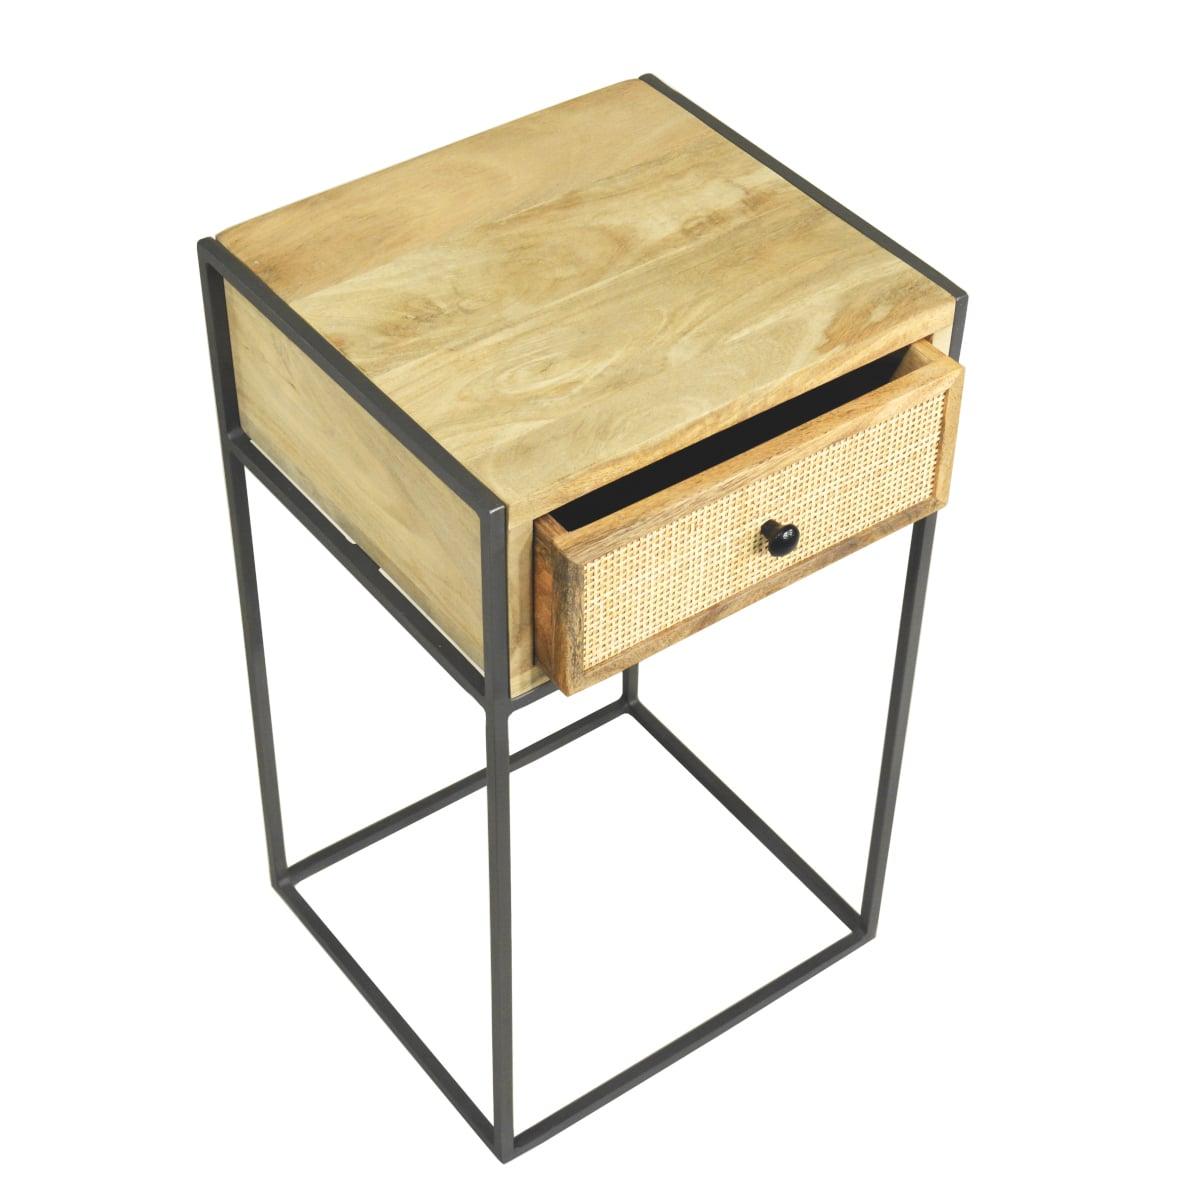 Beistelltisch klares Design aus Holz und Rattan